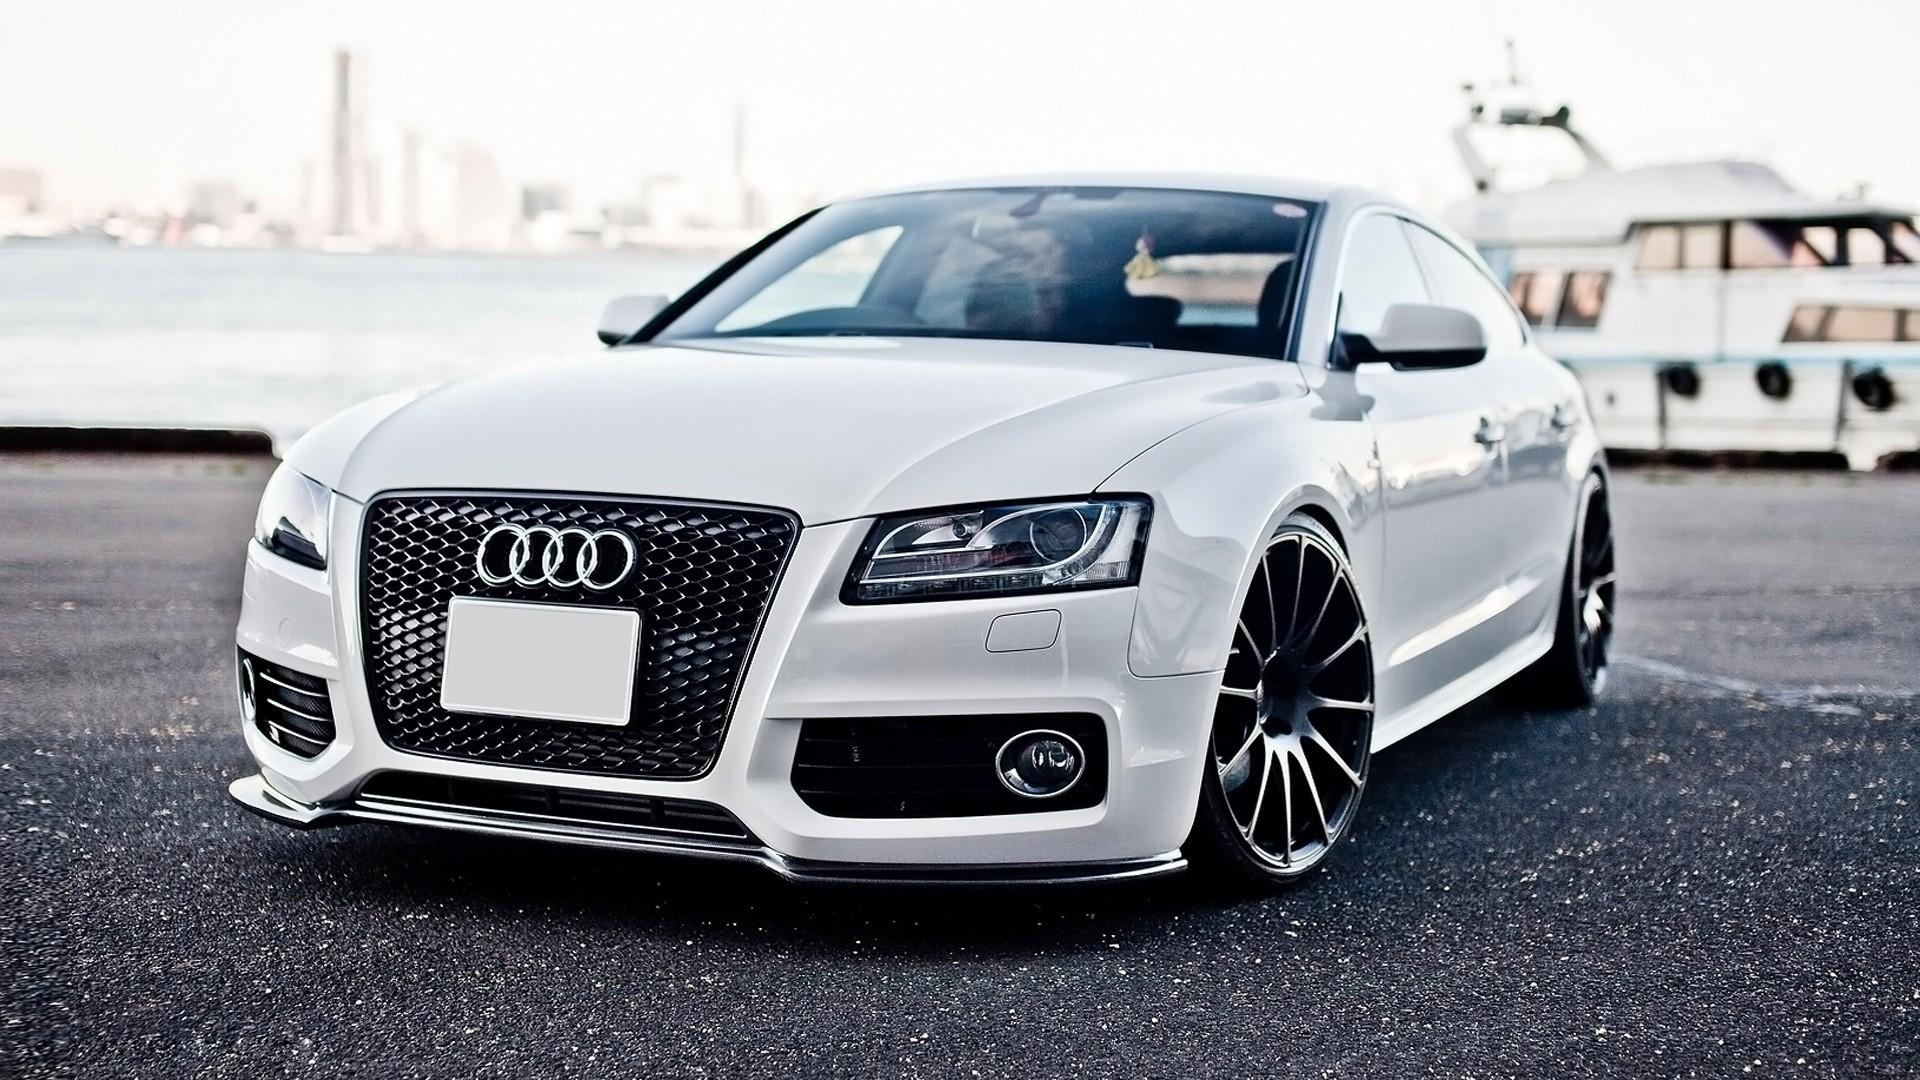 Audi S5 здание освещение  № 2217062 загрузить